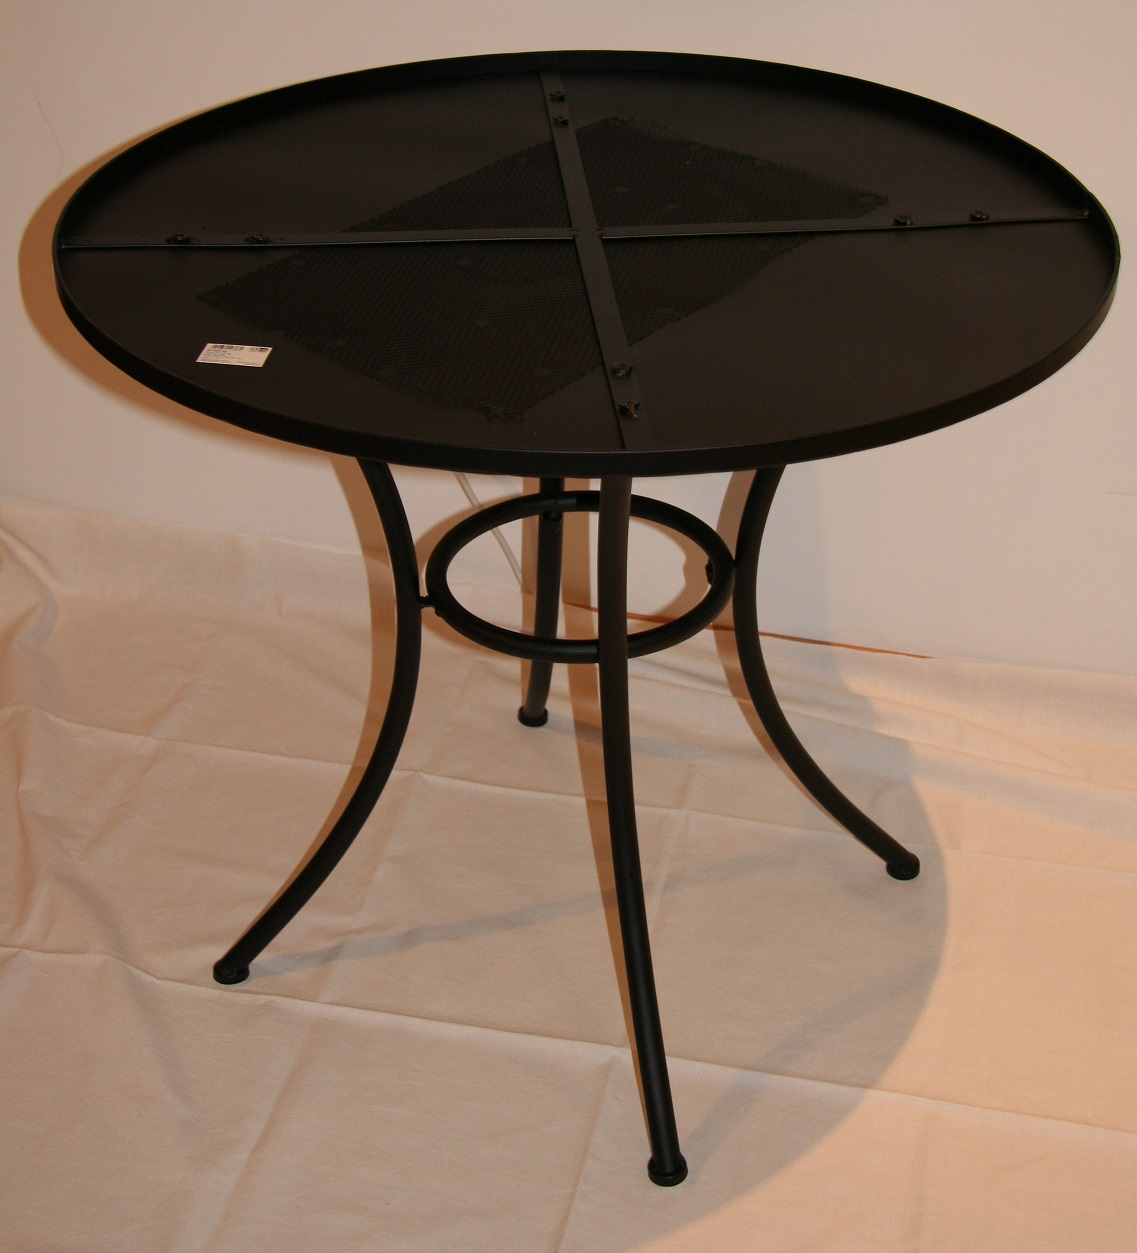 mosaik tisch rund durchmesser 80 cm mosaiktisch tischrohling mosaik shop mosaik tisch stuhl. Black Bedroom Furniture Sets. Home Design Ideas